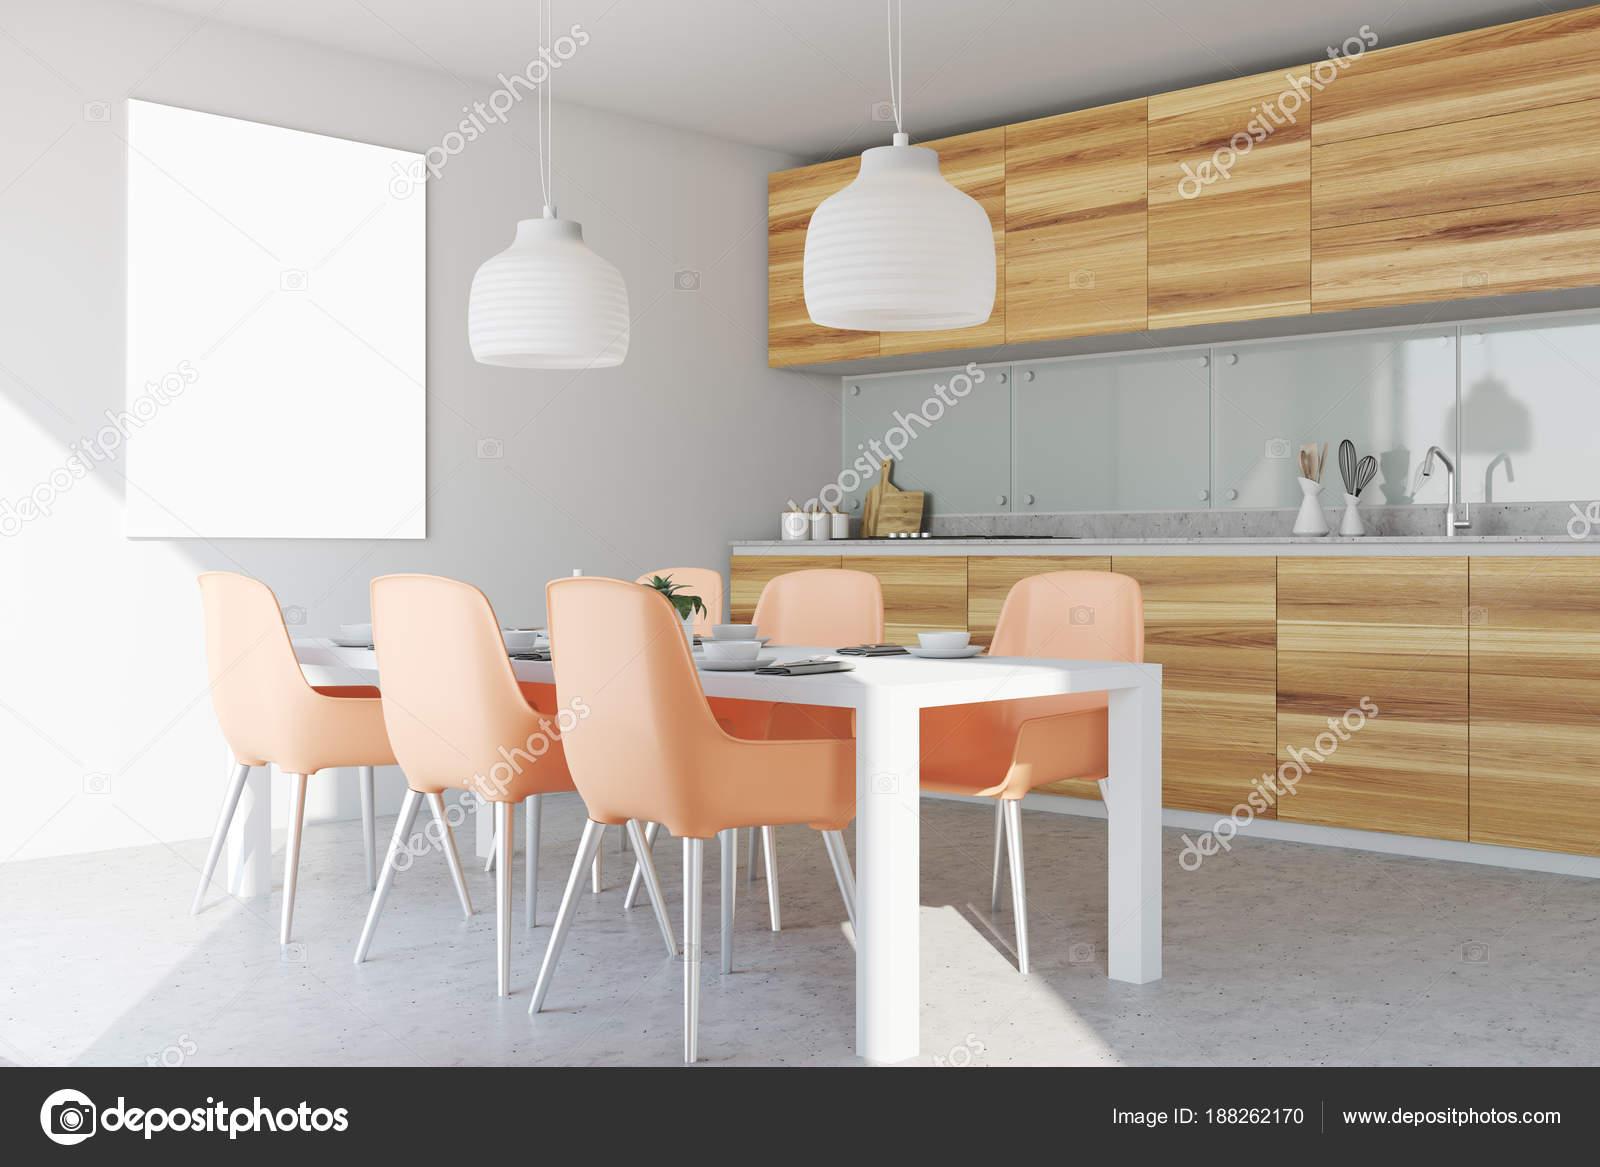 Weiß Und Holz Esszimmer Und Küche, Plakat U2014 Stockfoto